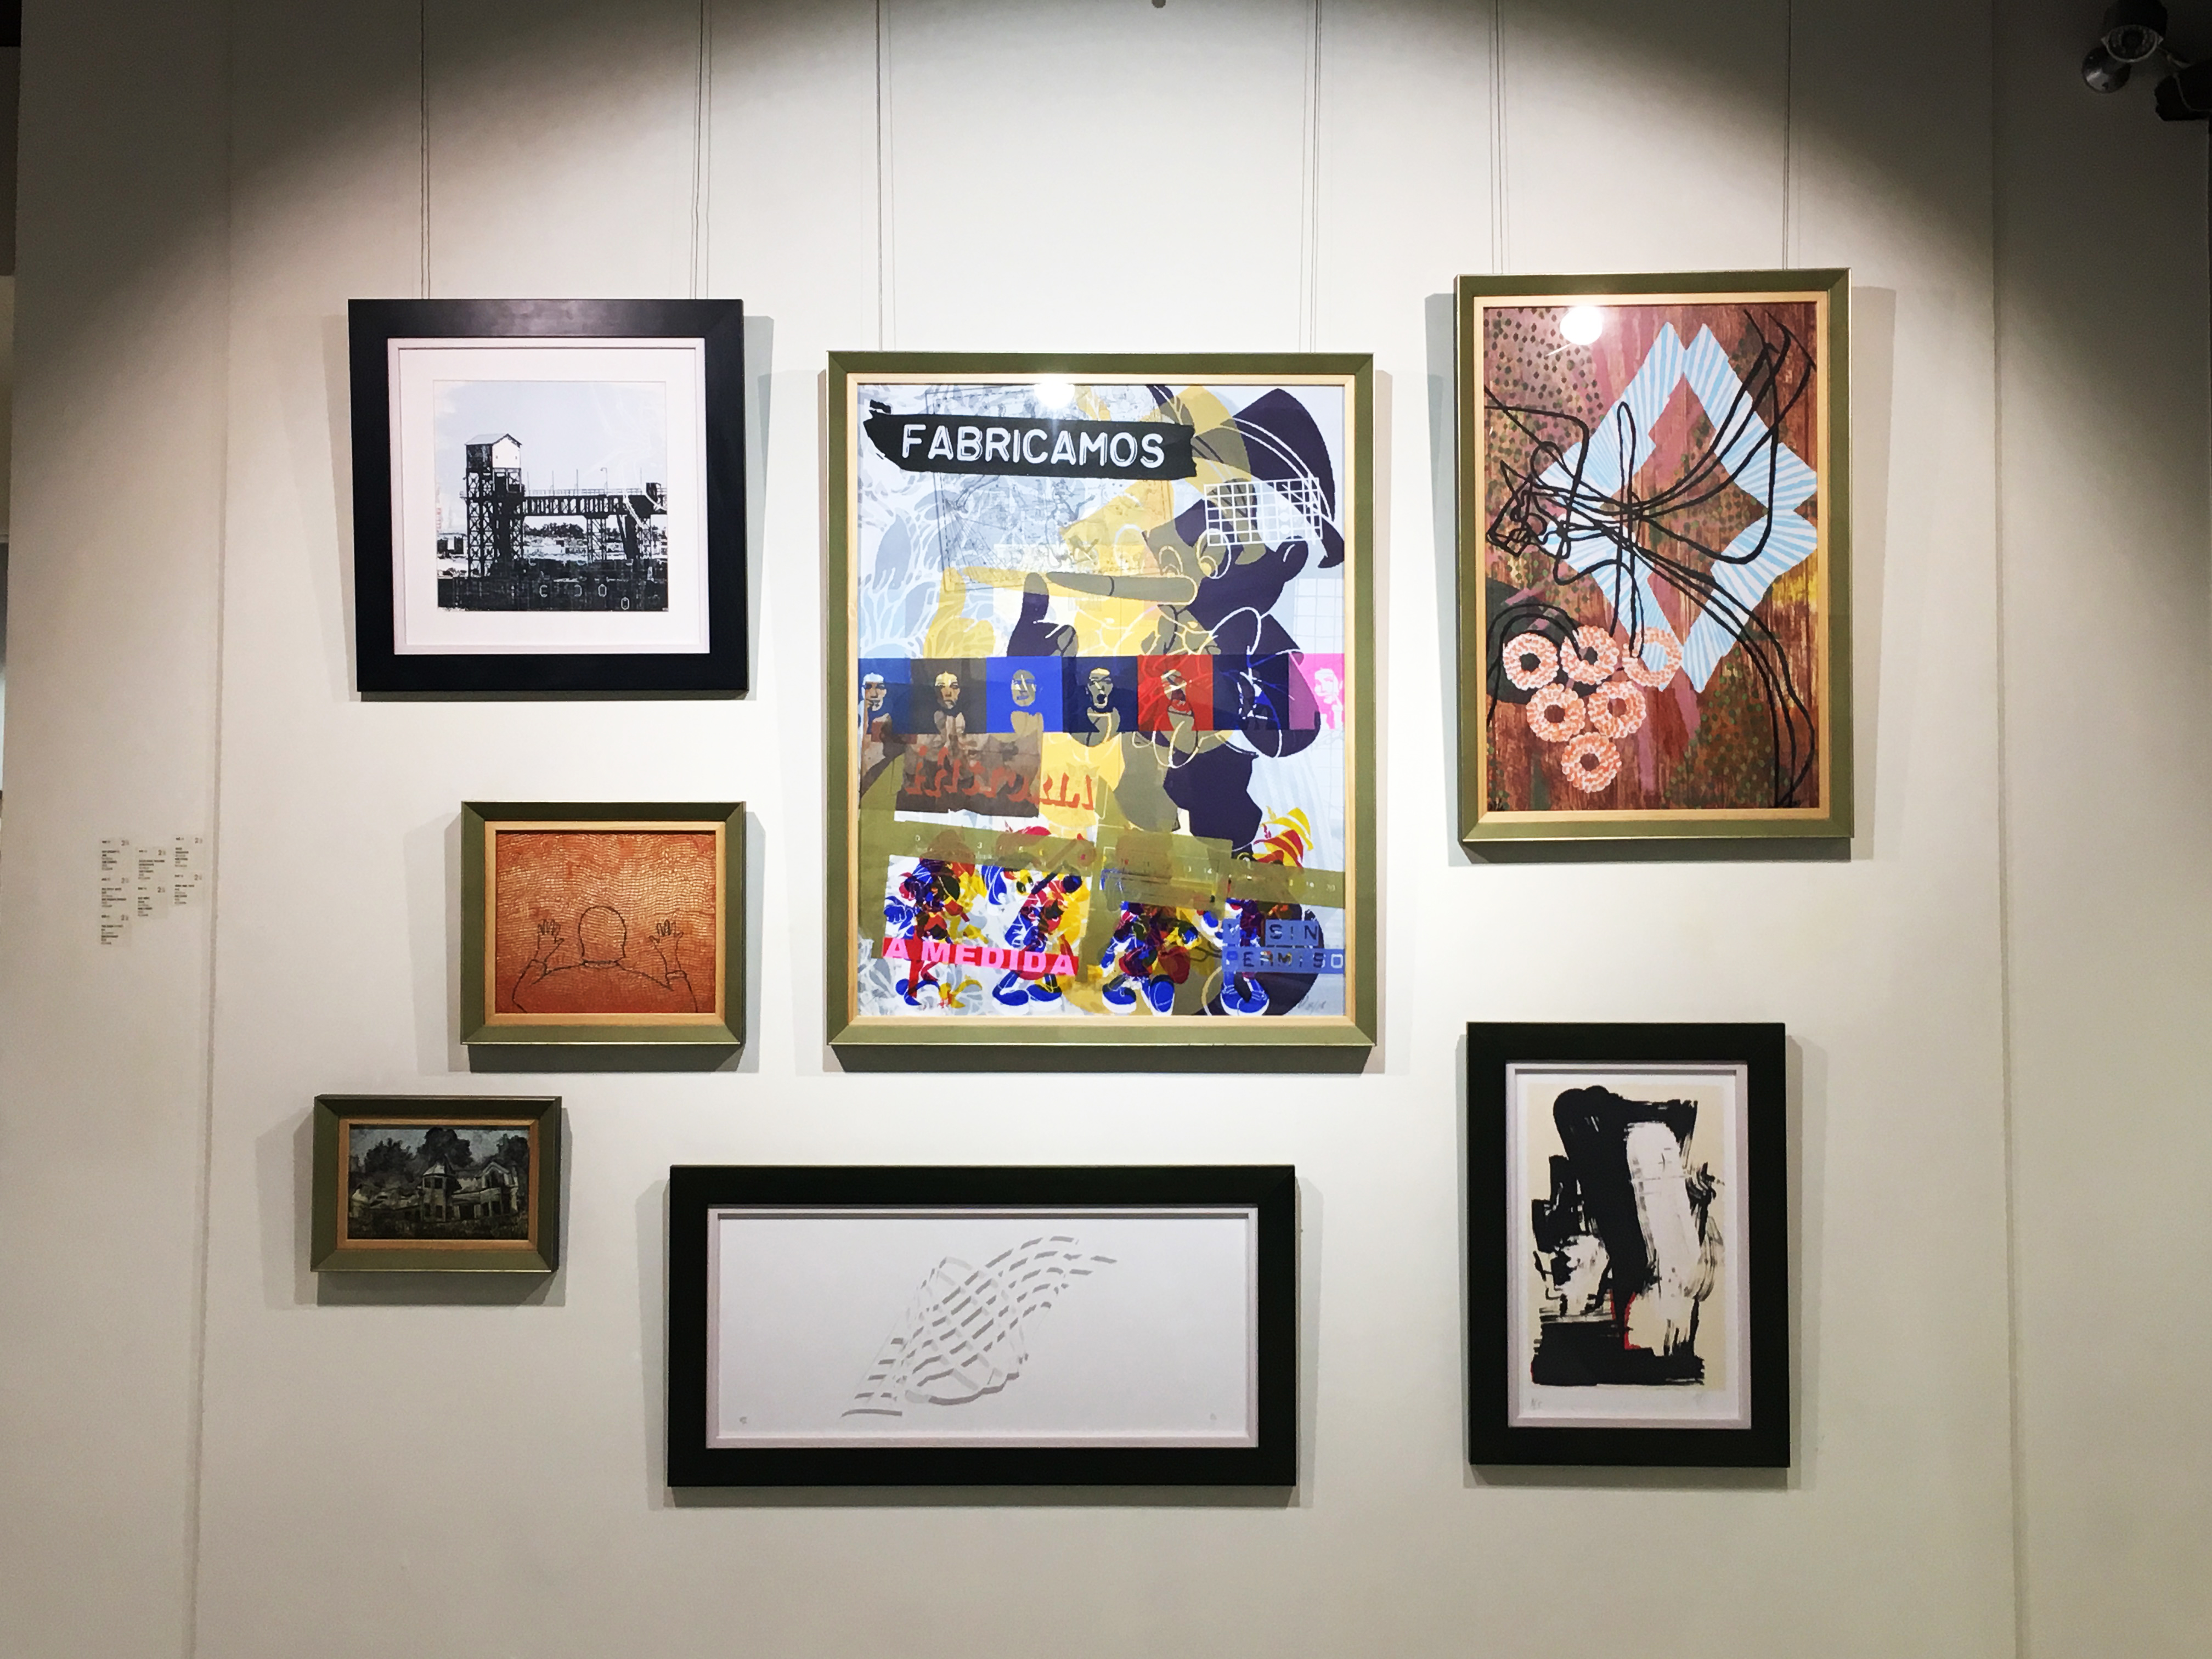 二空間展出臺灣、西班牙藝術家版畫交流展《自然》。